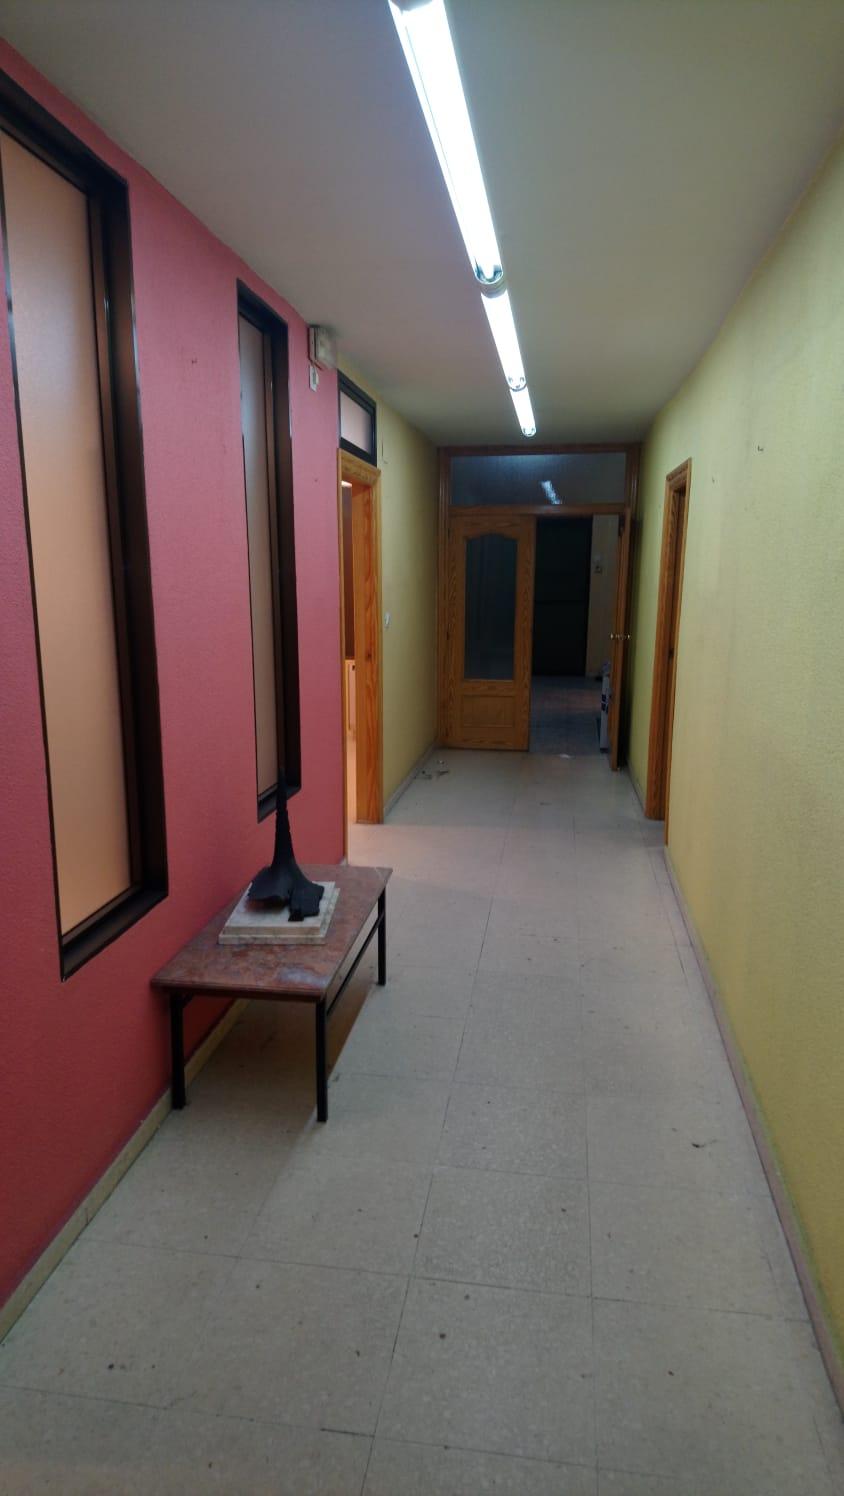 LOCAL COMERCIAL EN CALLE DEL BOSQUE (REF: 105) - foto 2 a923d3aa-d419-42ab-9083-c6c0c7ea0ab9.jpg